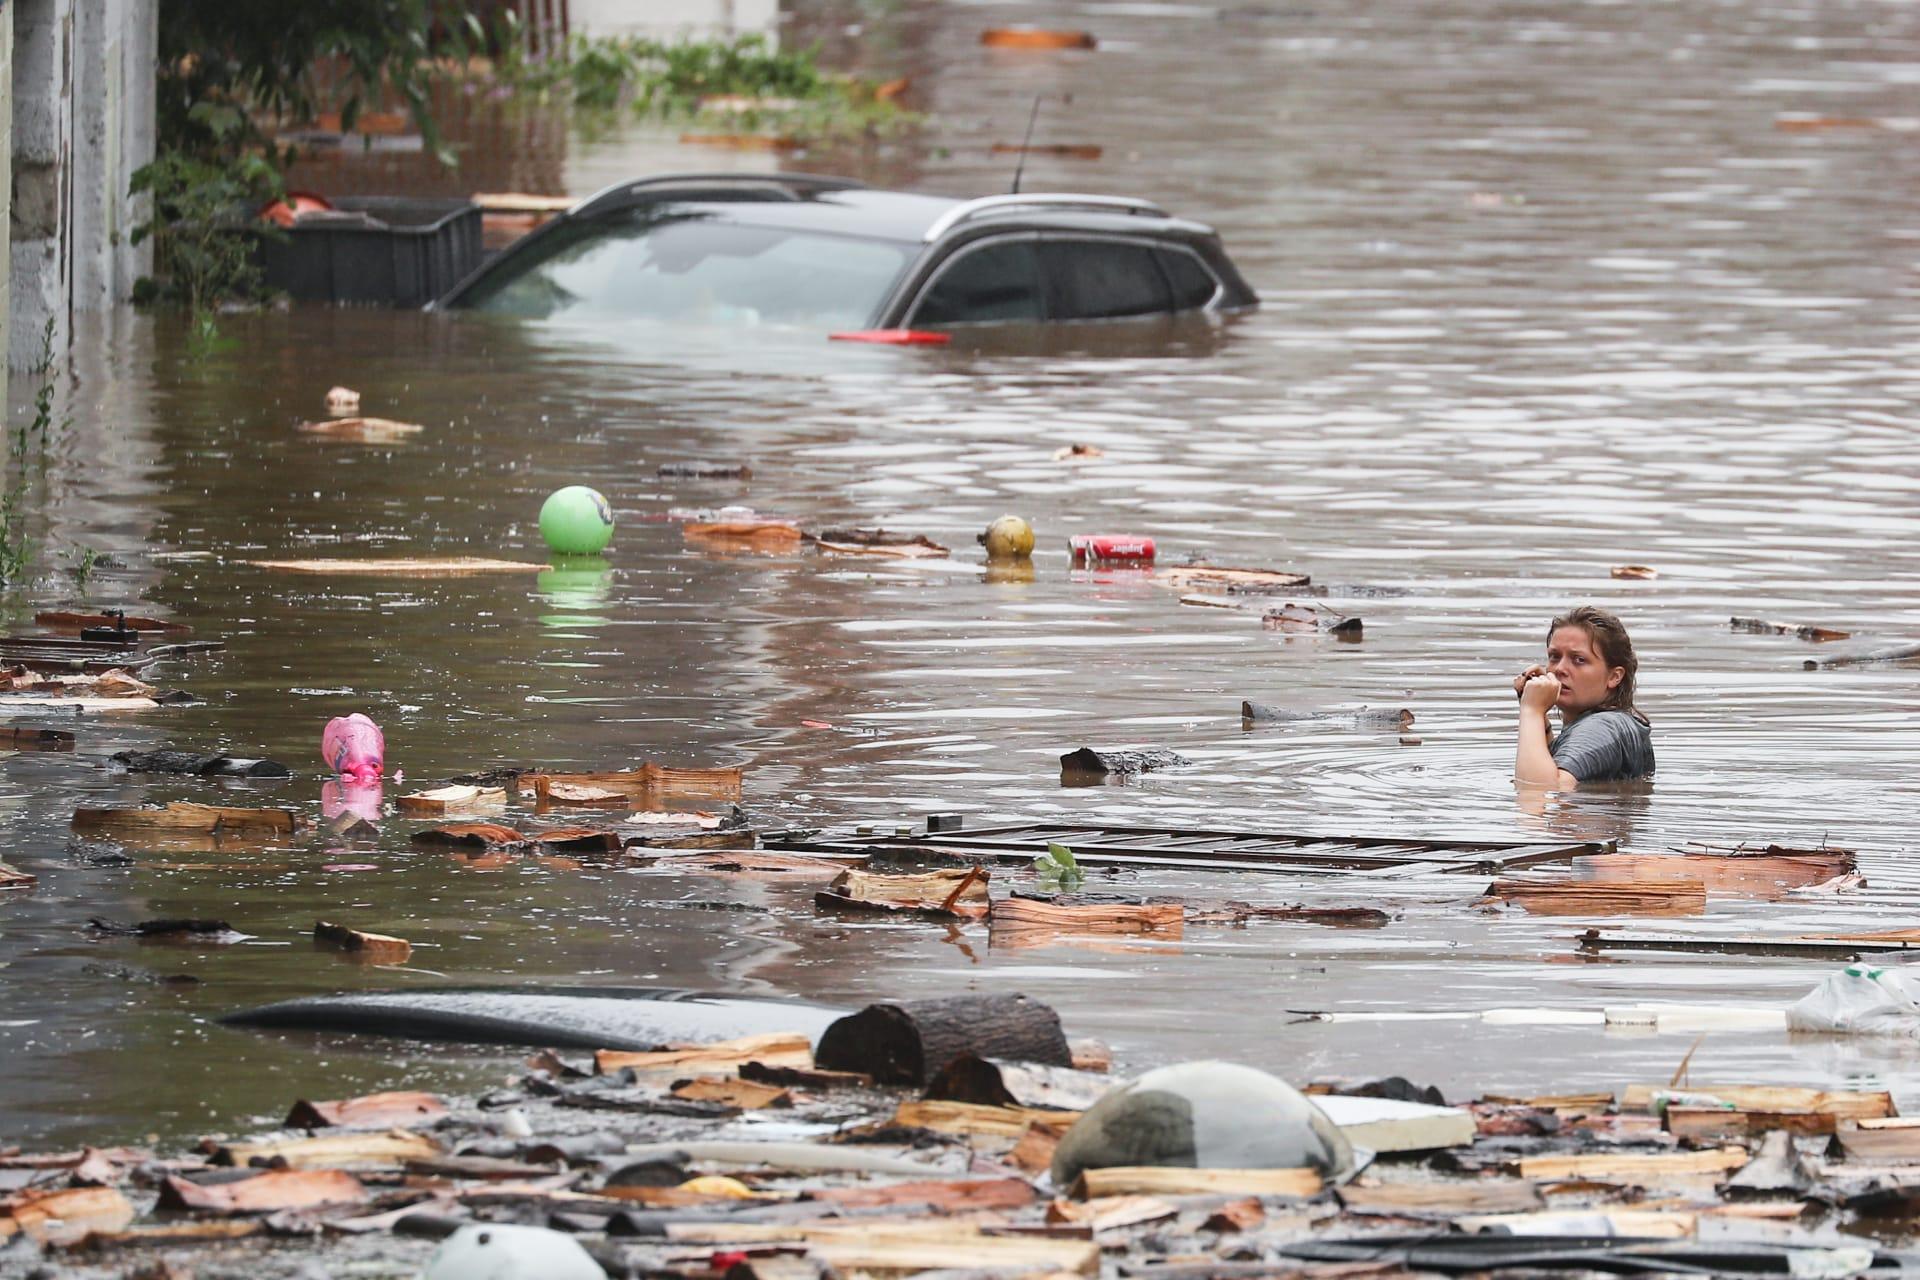 ٢٠٢١٠٧٢٥ ٠٩٣٢٠٤ - فيضانات جديدة تضرب #بلجيكا وسط طقس عاصف.  #العبدلي_نيوز